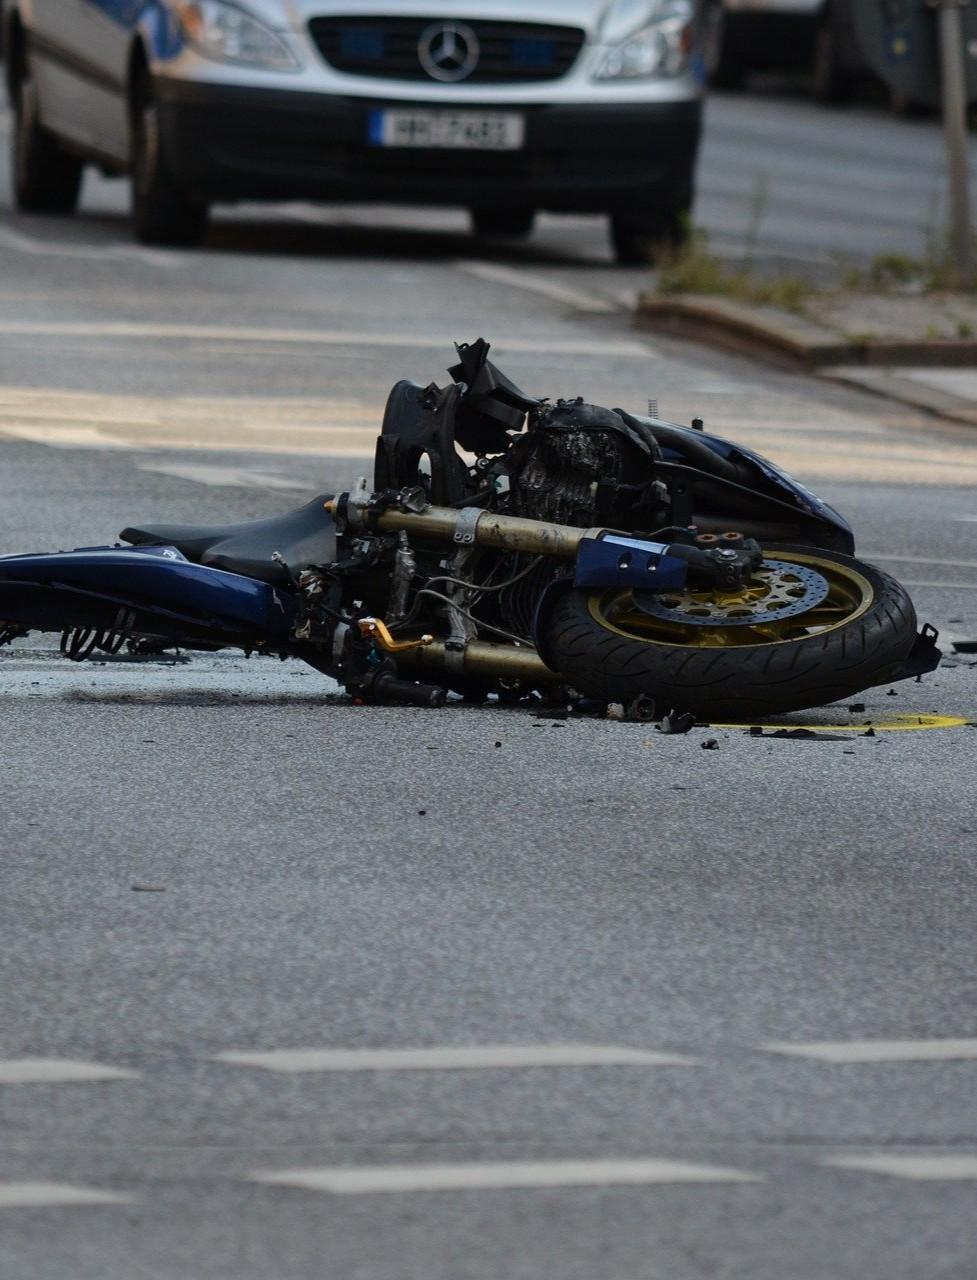 Śmiertelny wypadek. Motocyklista uderzył w dwa samochody